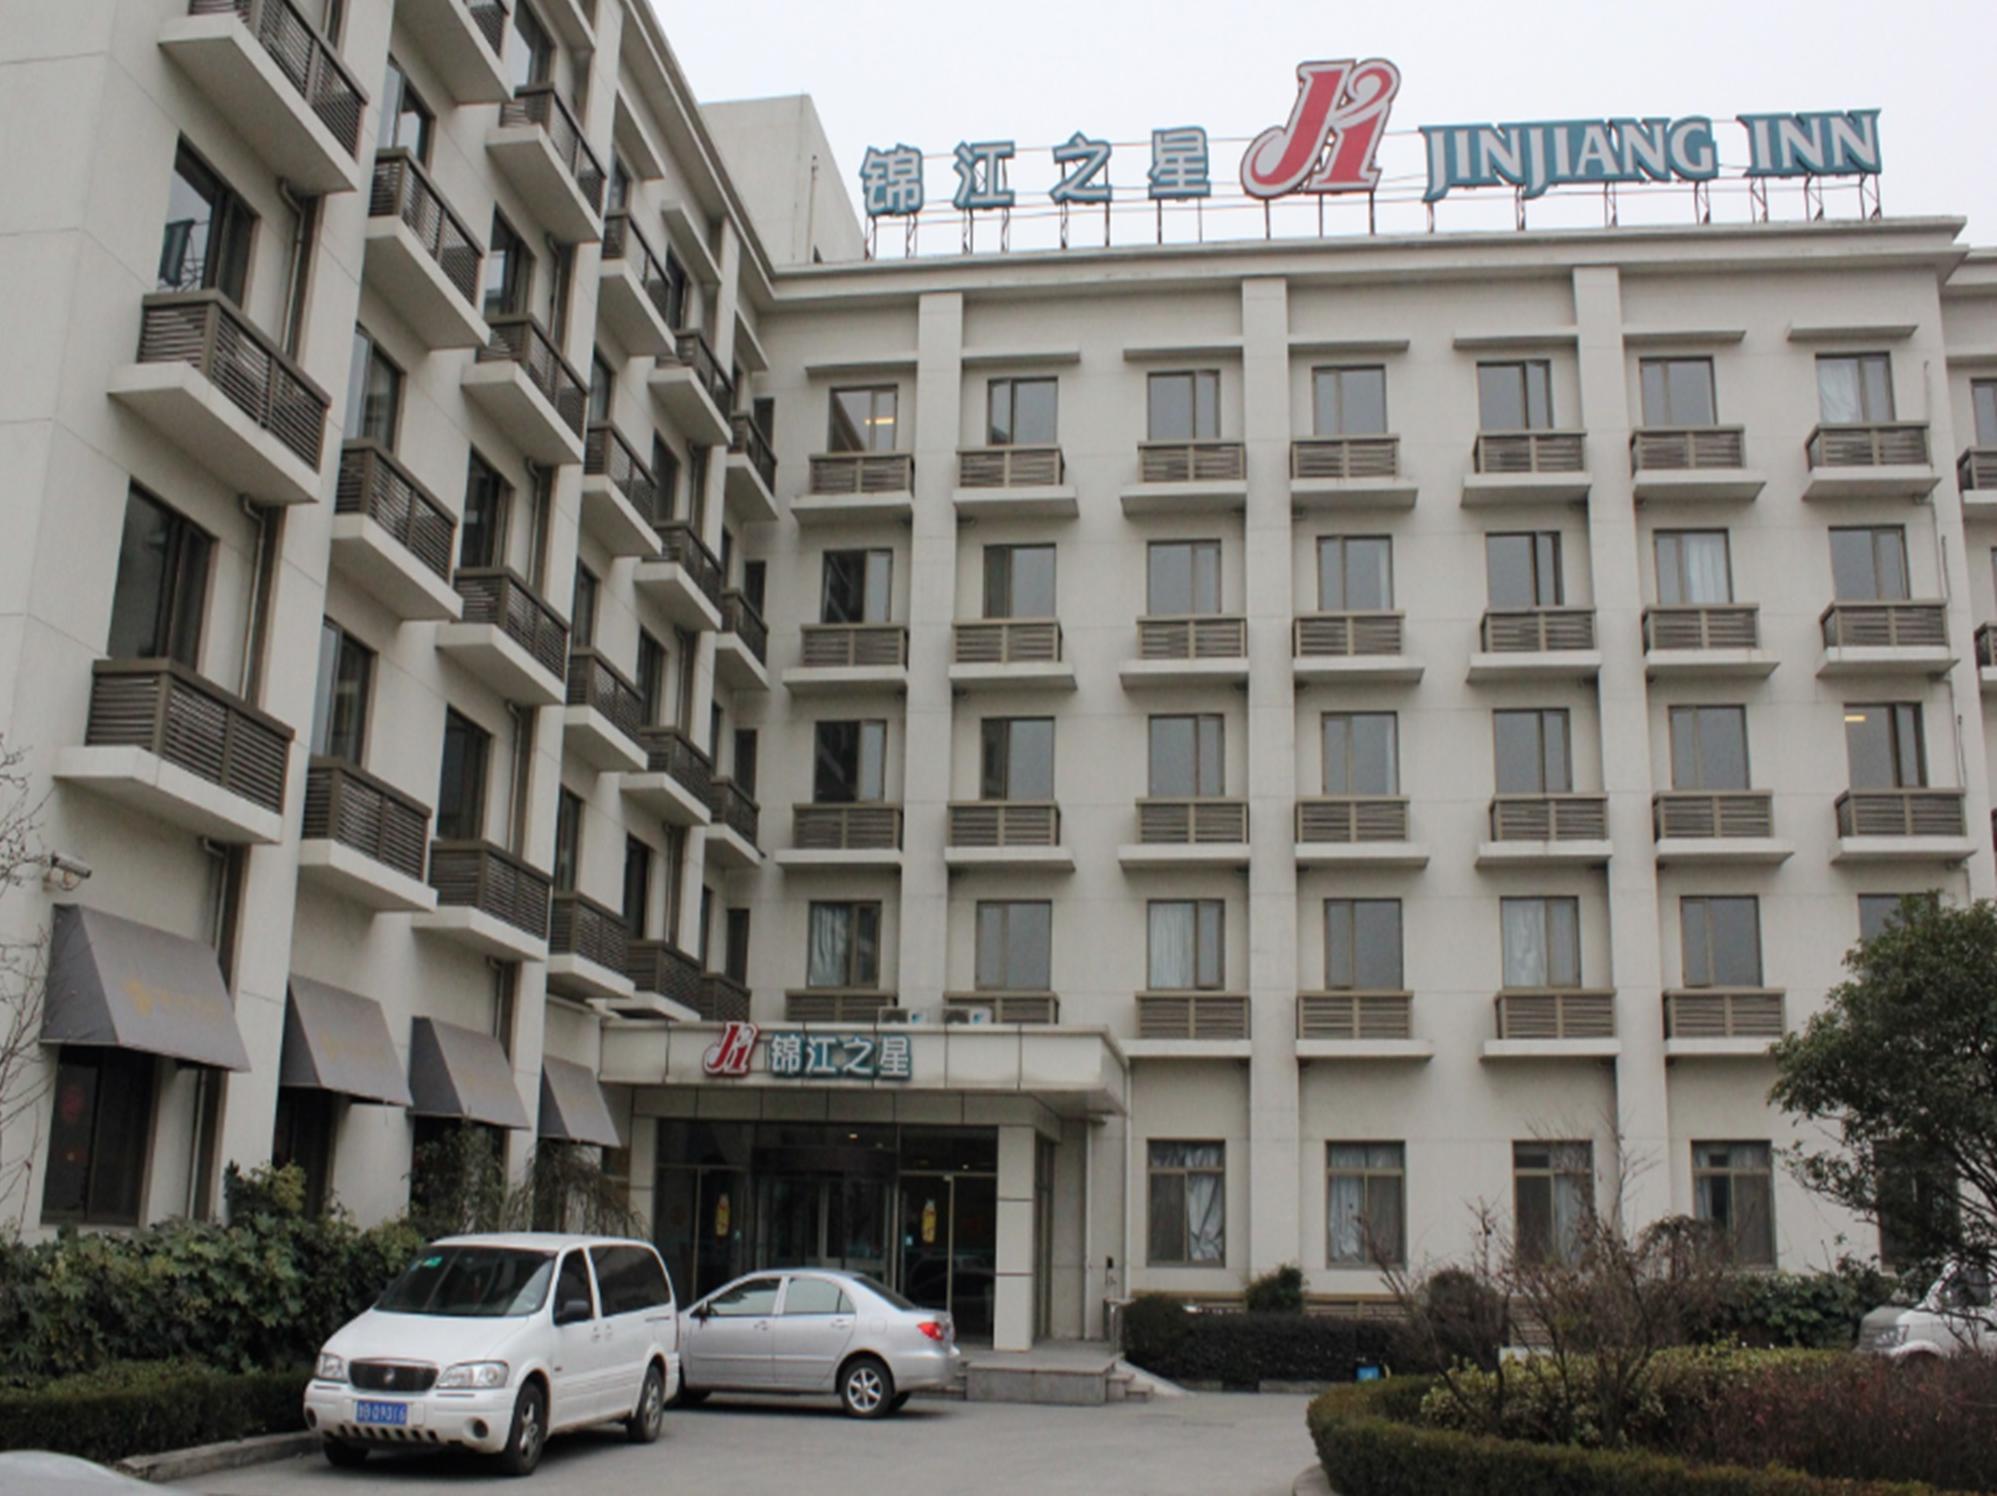 Jinjiang Inn Kunshan Huanqiao Busine